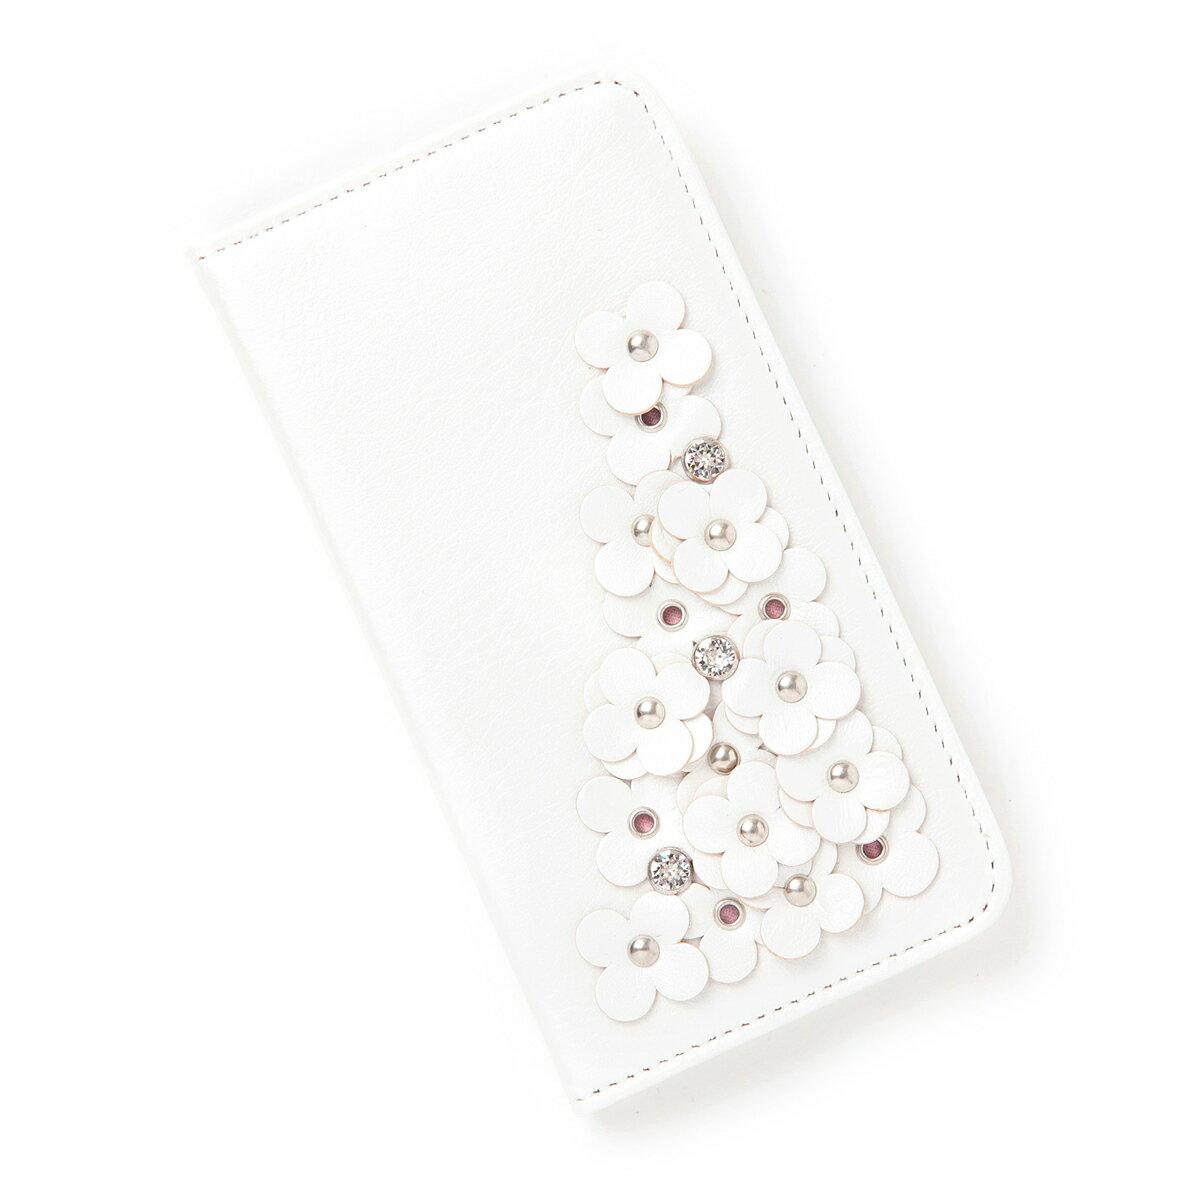 【アンテプリマ公式】アンテプリマ/マッツェット小物/iPhone7 ケース/パールホワイト/ANTEPRIMA/EANP10612/IPHONE7 CASE